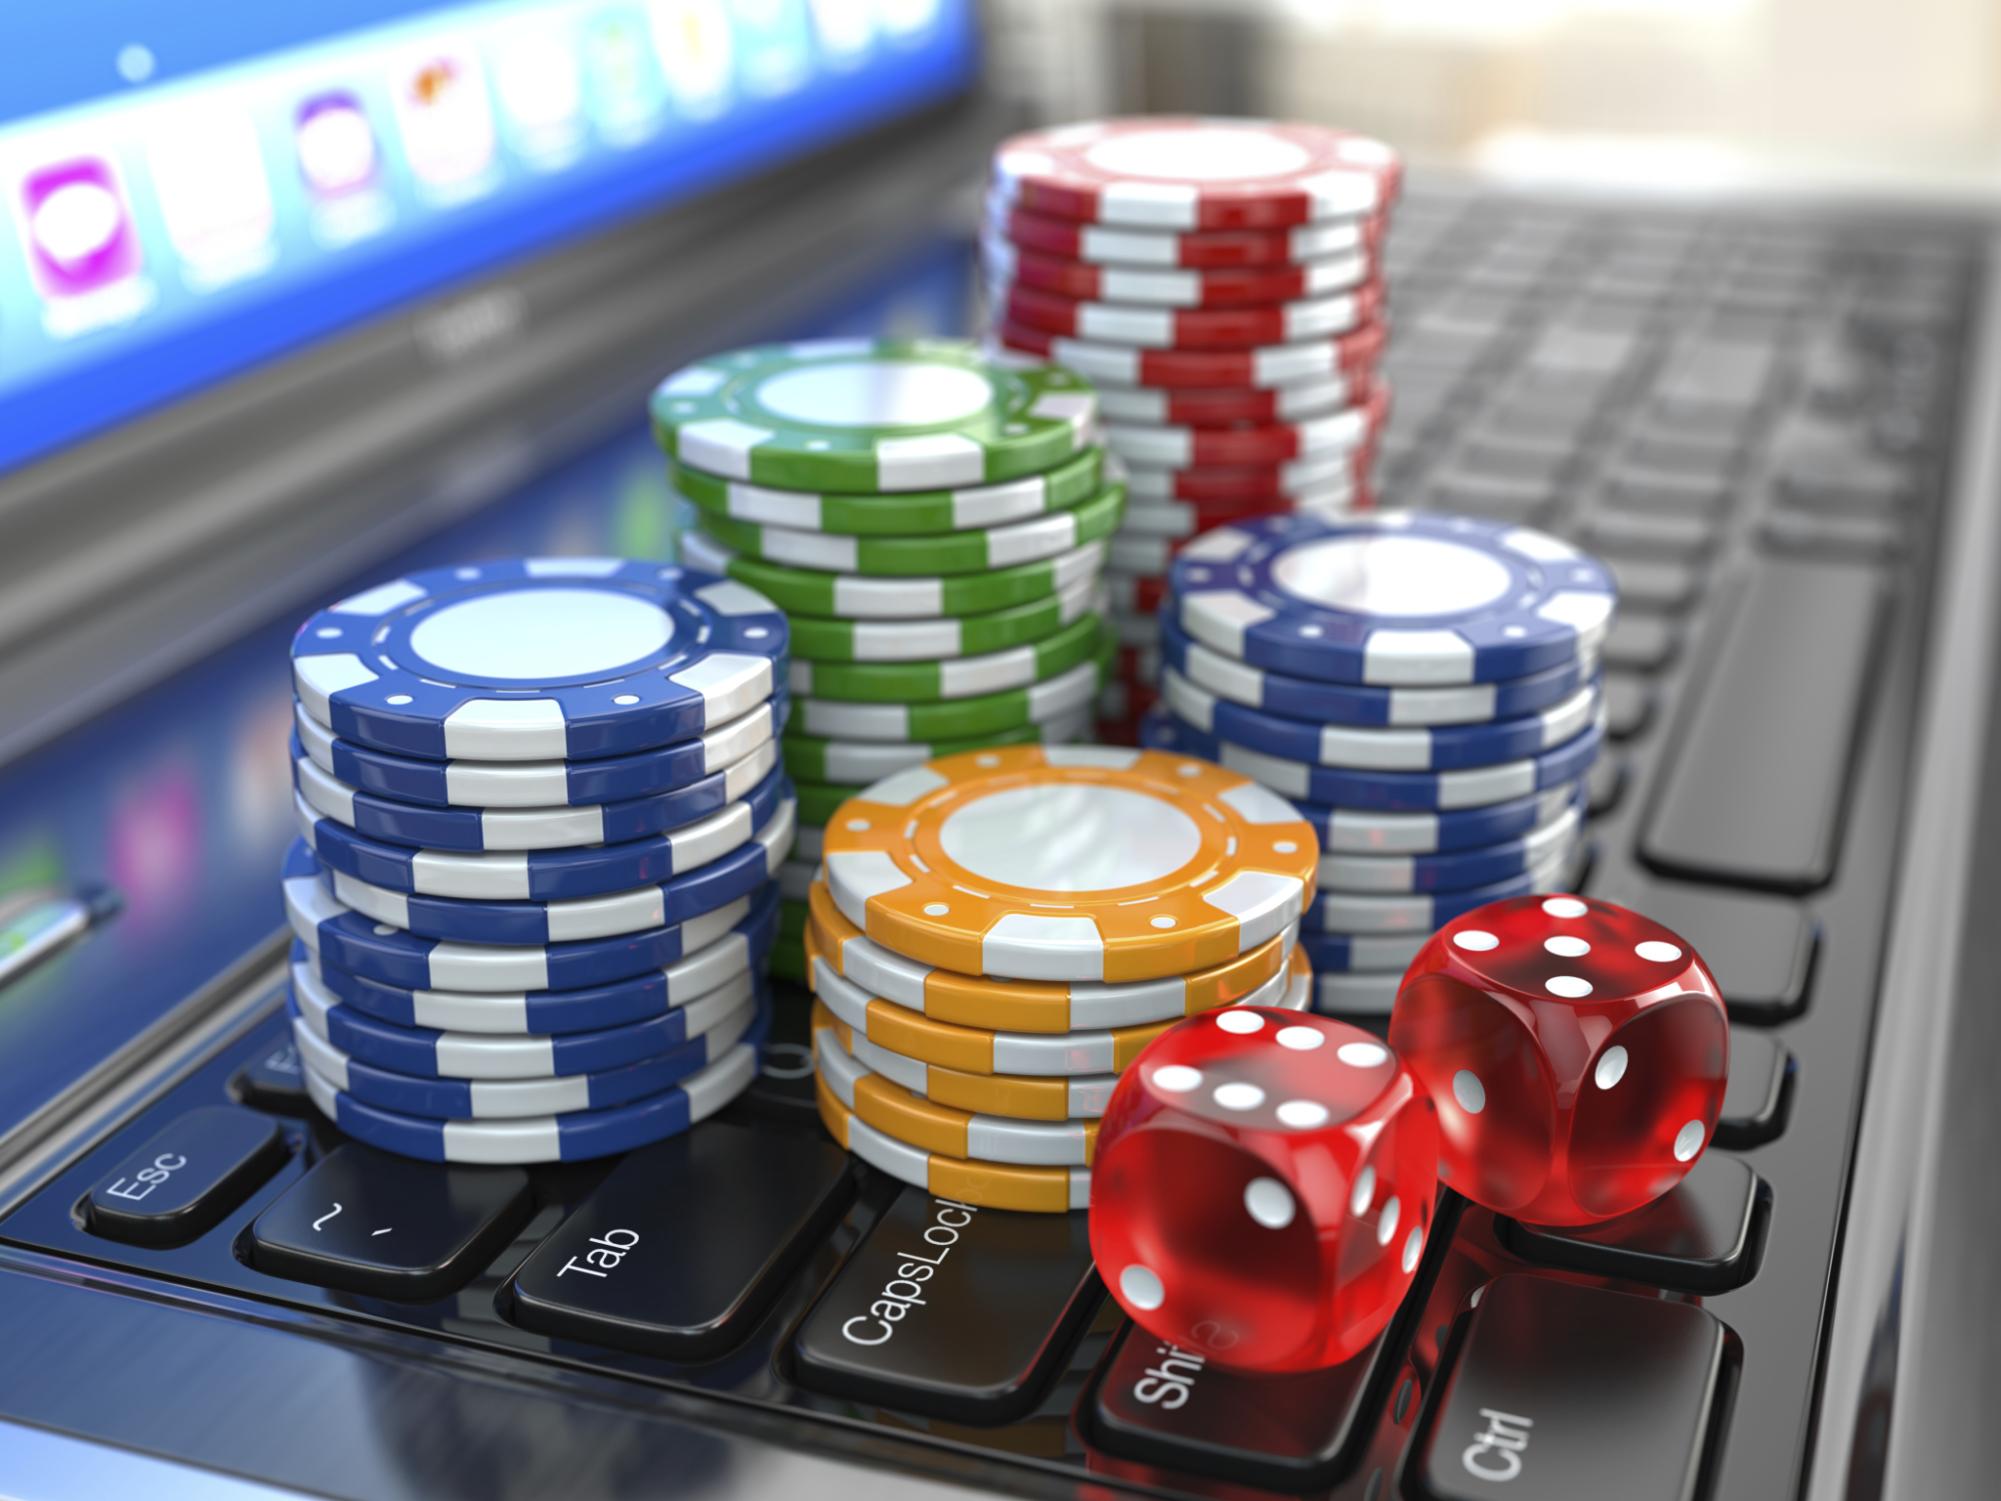 Заработок или дорогое хобби: можно ли выиграть в онлайн-казино - Блог